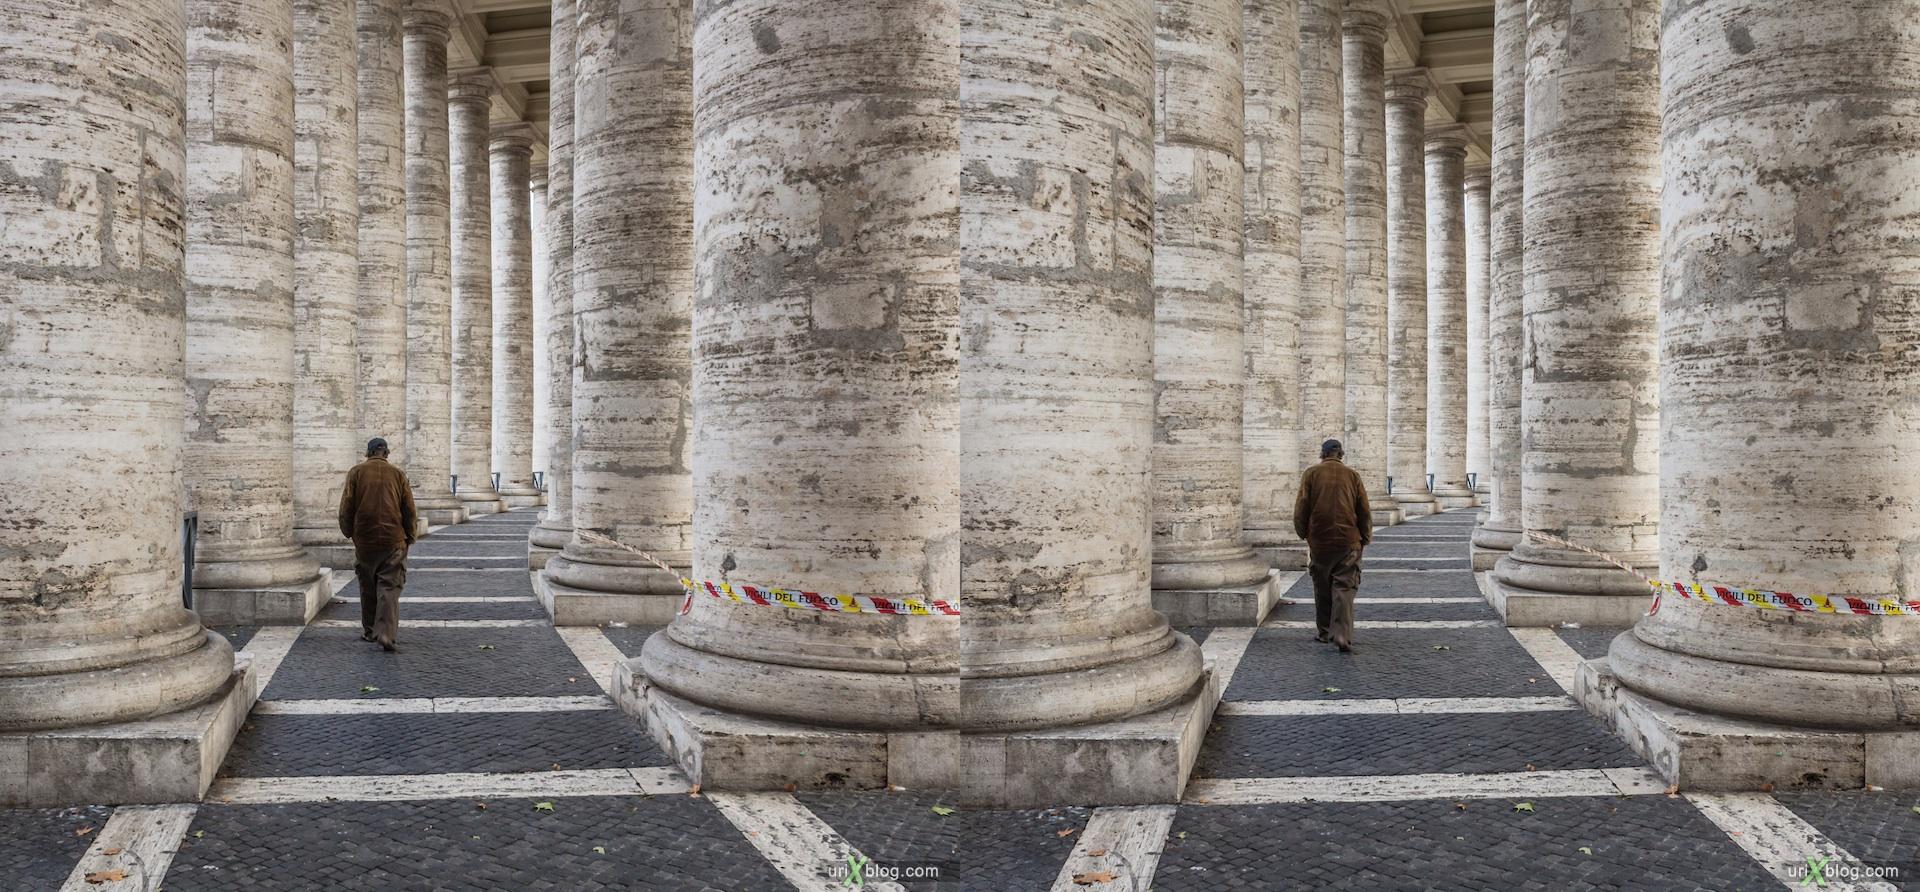 2012, Колонада Святого Петра, Ватикан, Рим, Италия, 3D, перекрёстные стереопары, стерео, стереопара, стереопары